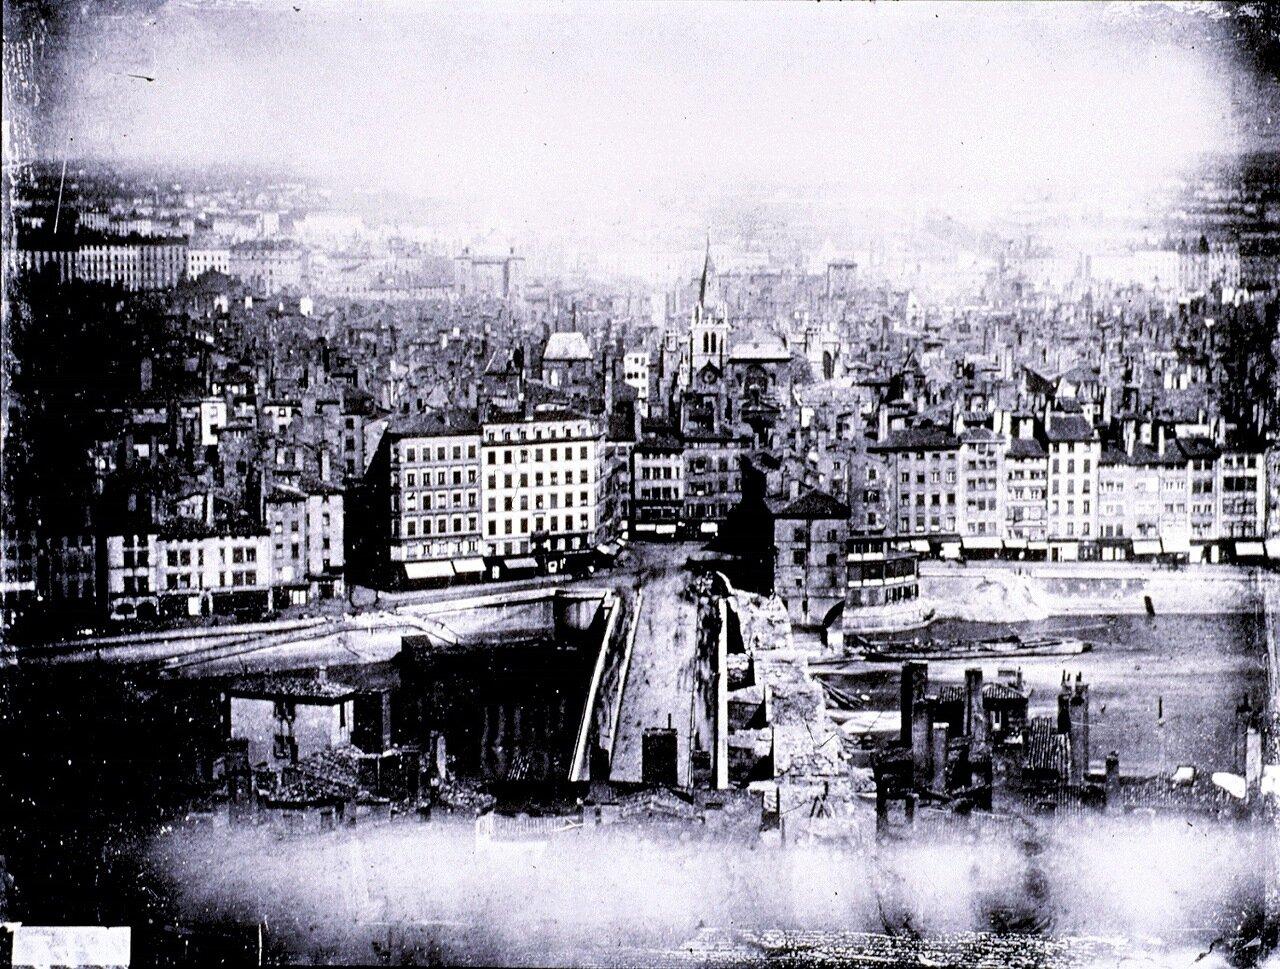 1859. Пон-де-Немур и завершение сноса моста Сен-Пьер.